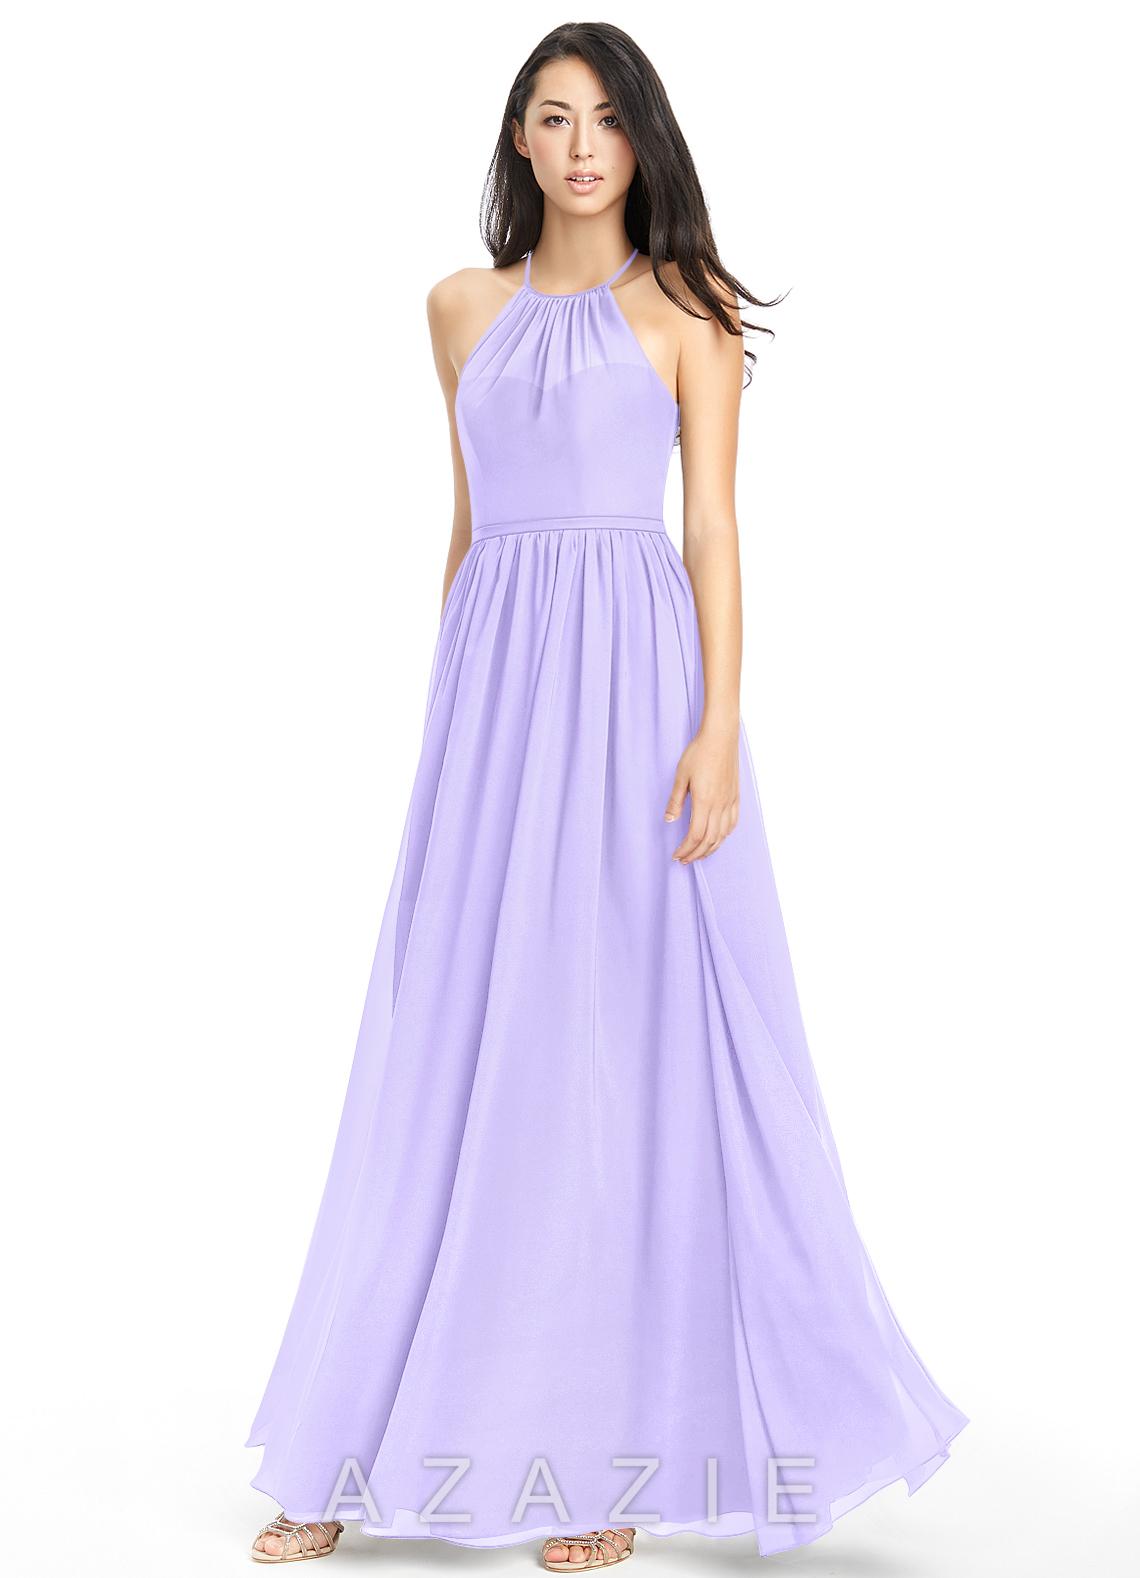 252a63564c8 Azazie Kailyn Bridesmaid Dress - Lilac